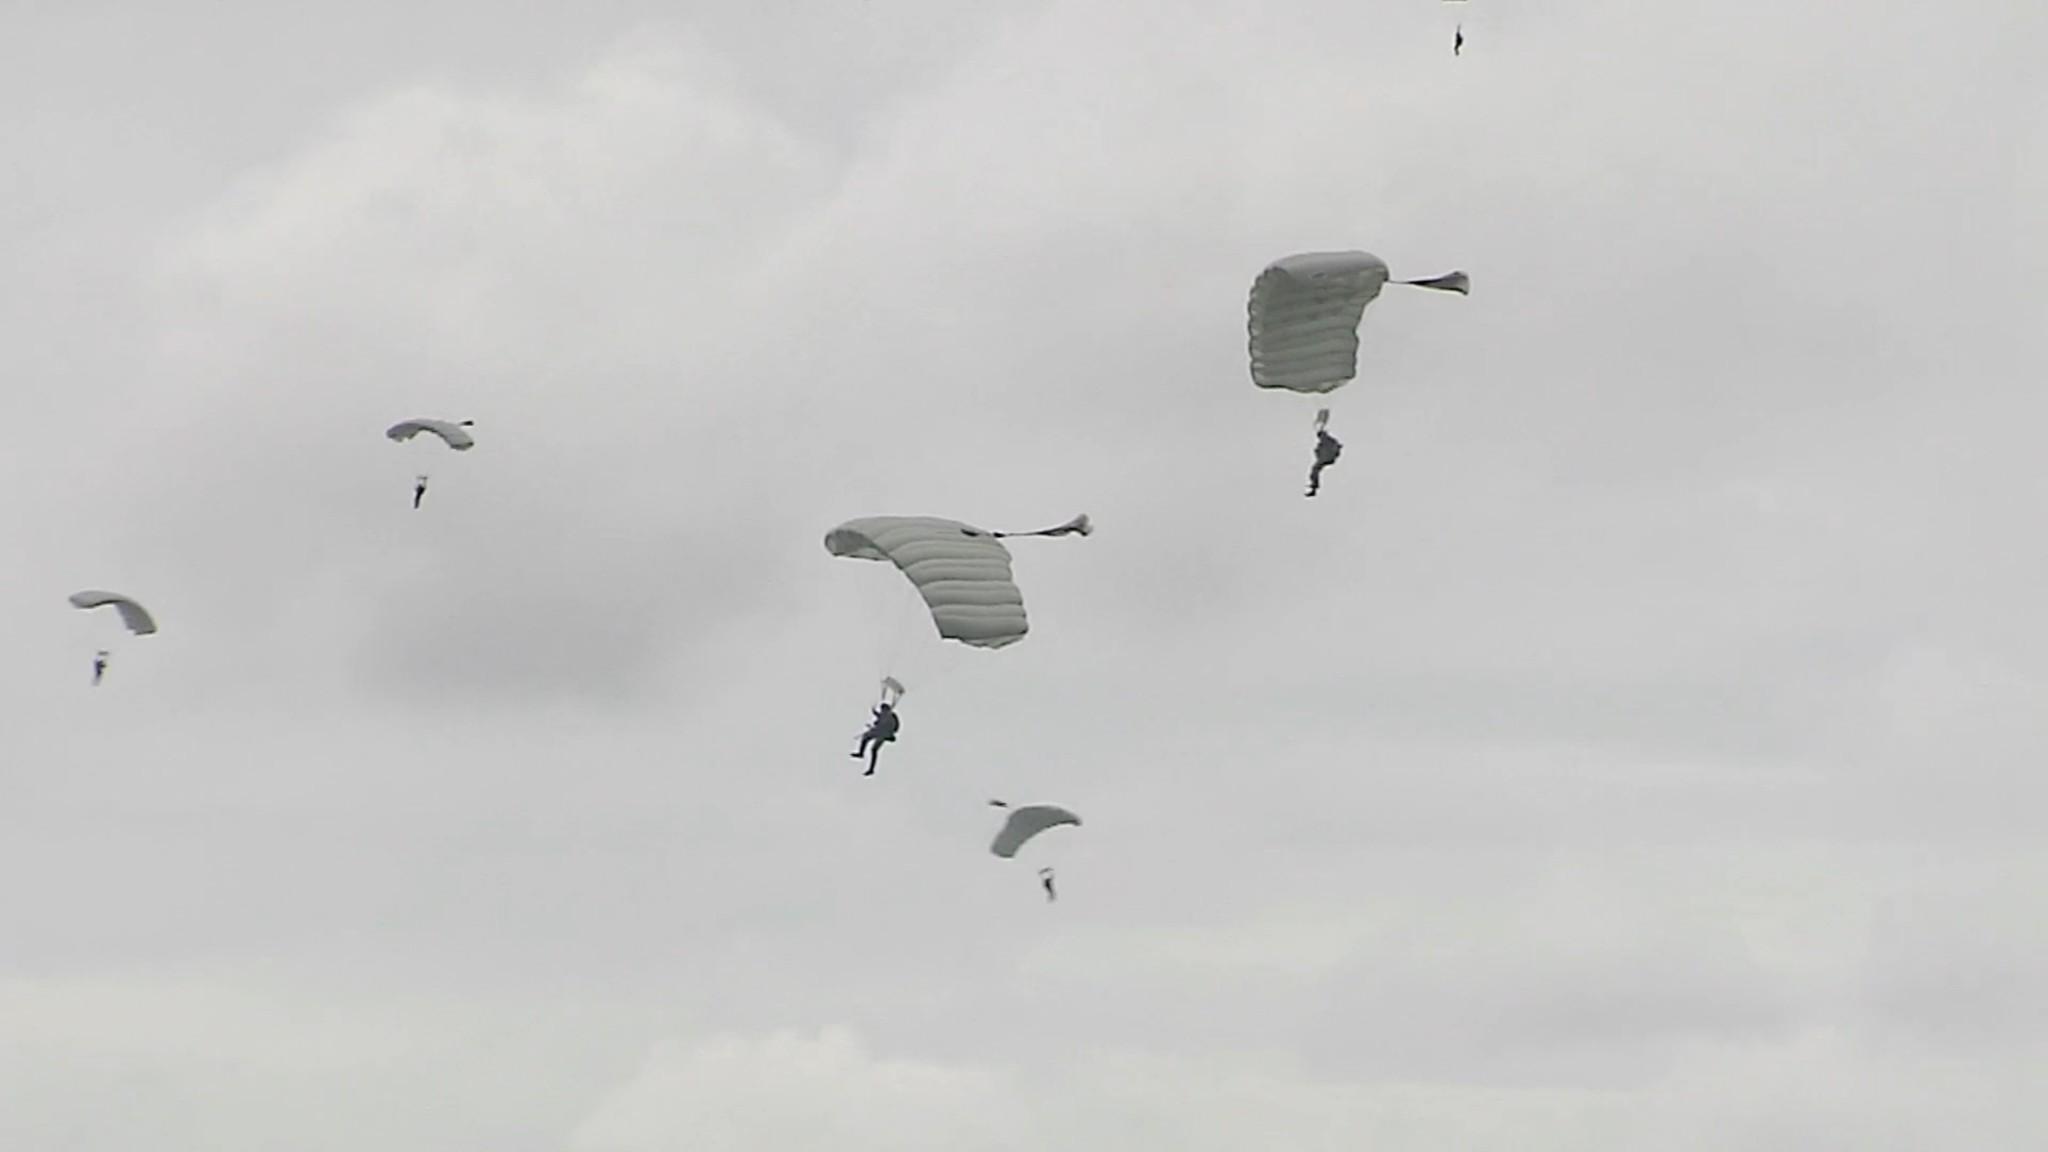 Trener på fallskjermhopp fra stor høyde